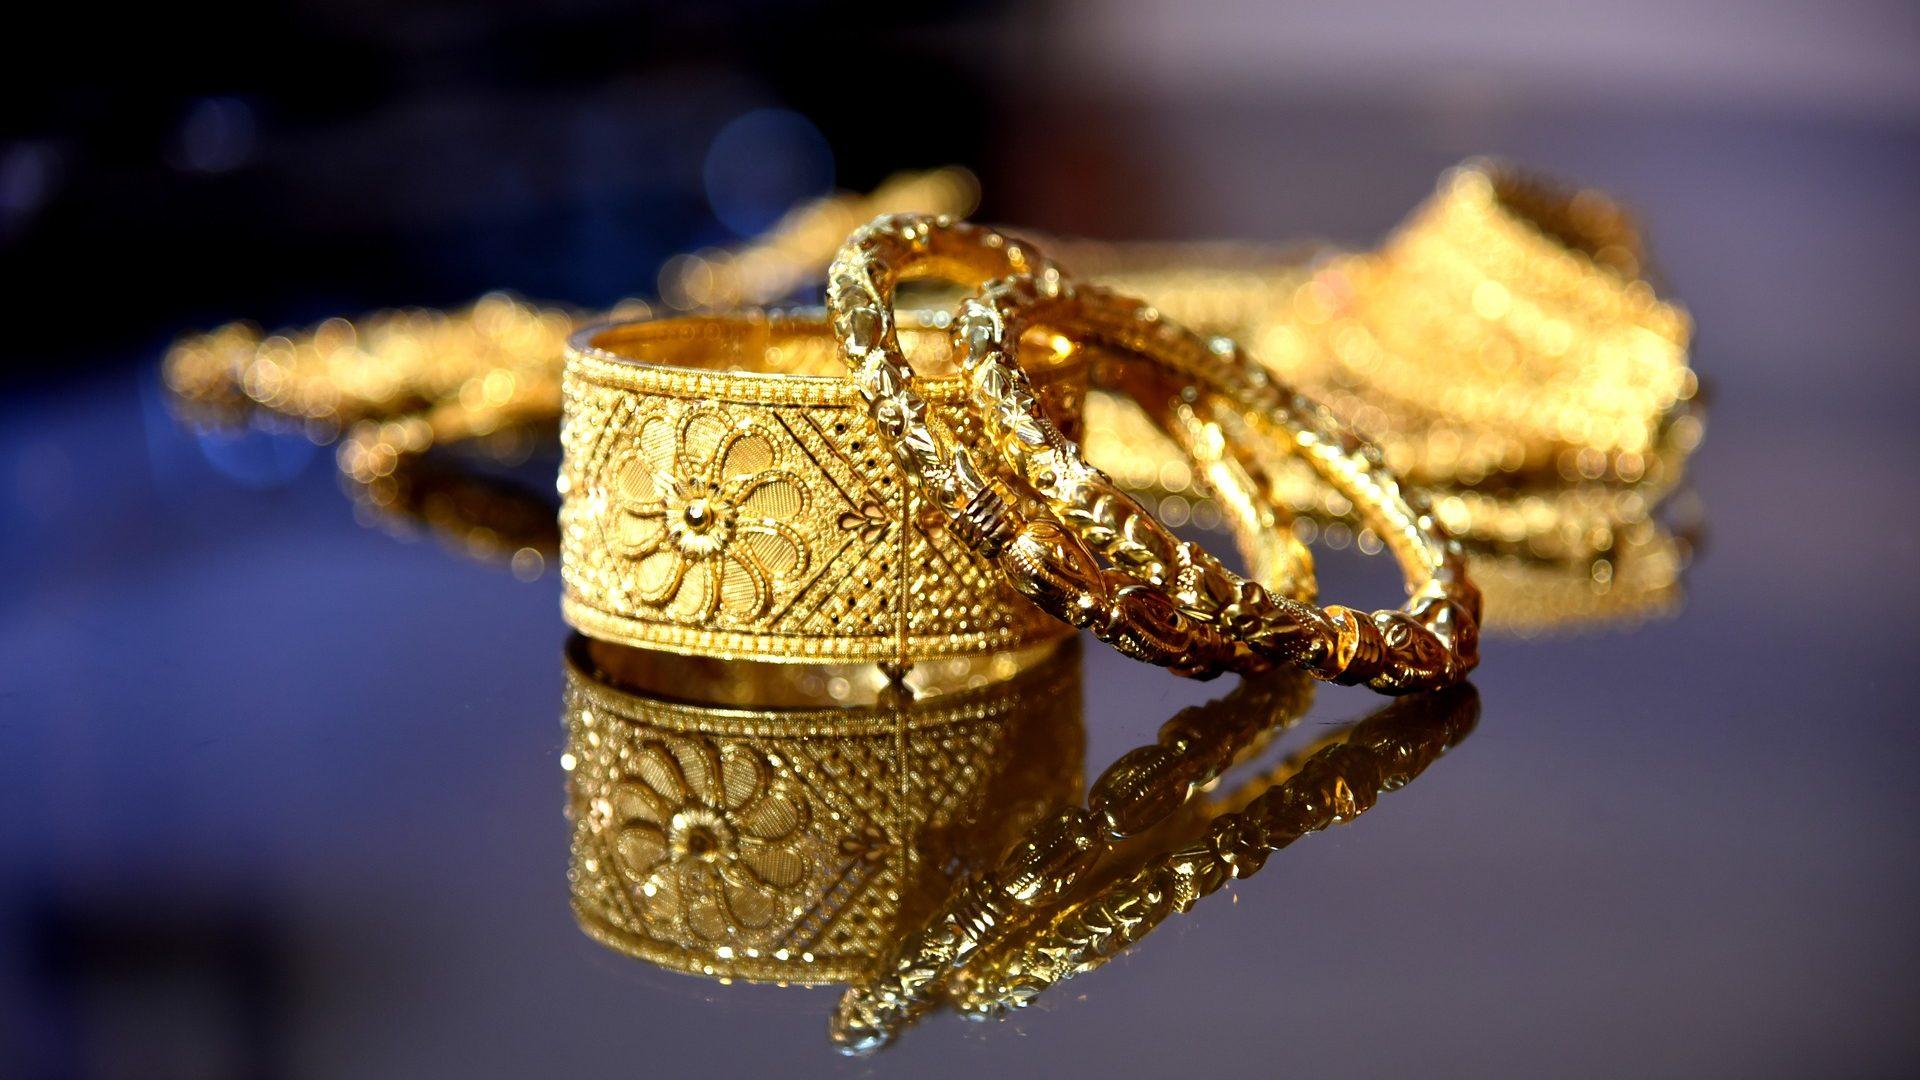 ר.ד.י.א. יהלומים תובעת 1.32 מיליון שקל מחתמי לוידס לאחר שלא שולמו לה תגמולים על אובדן טבעות יקרות ערך